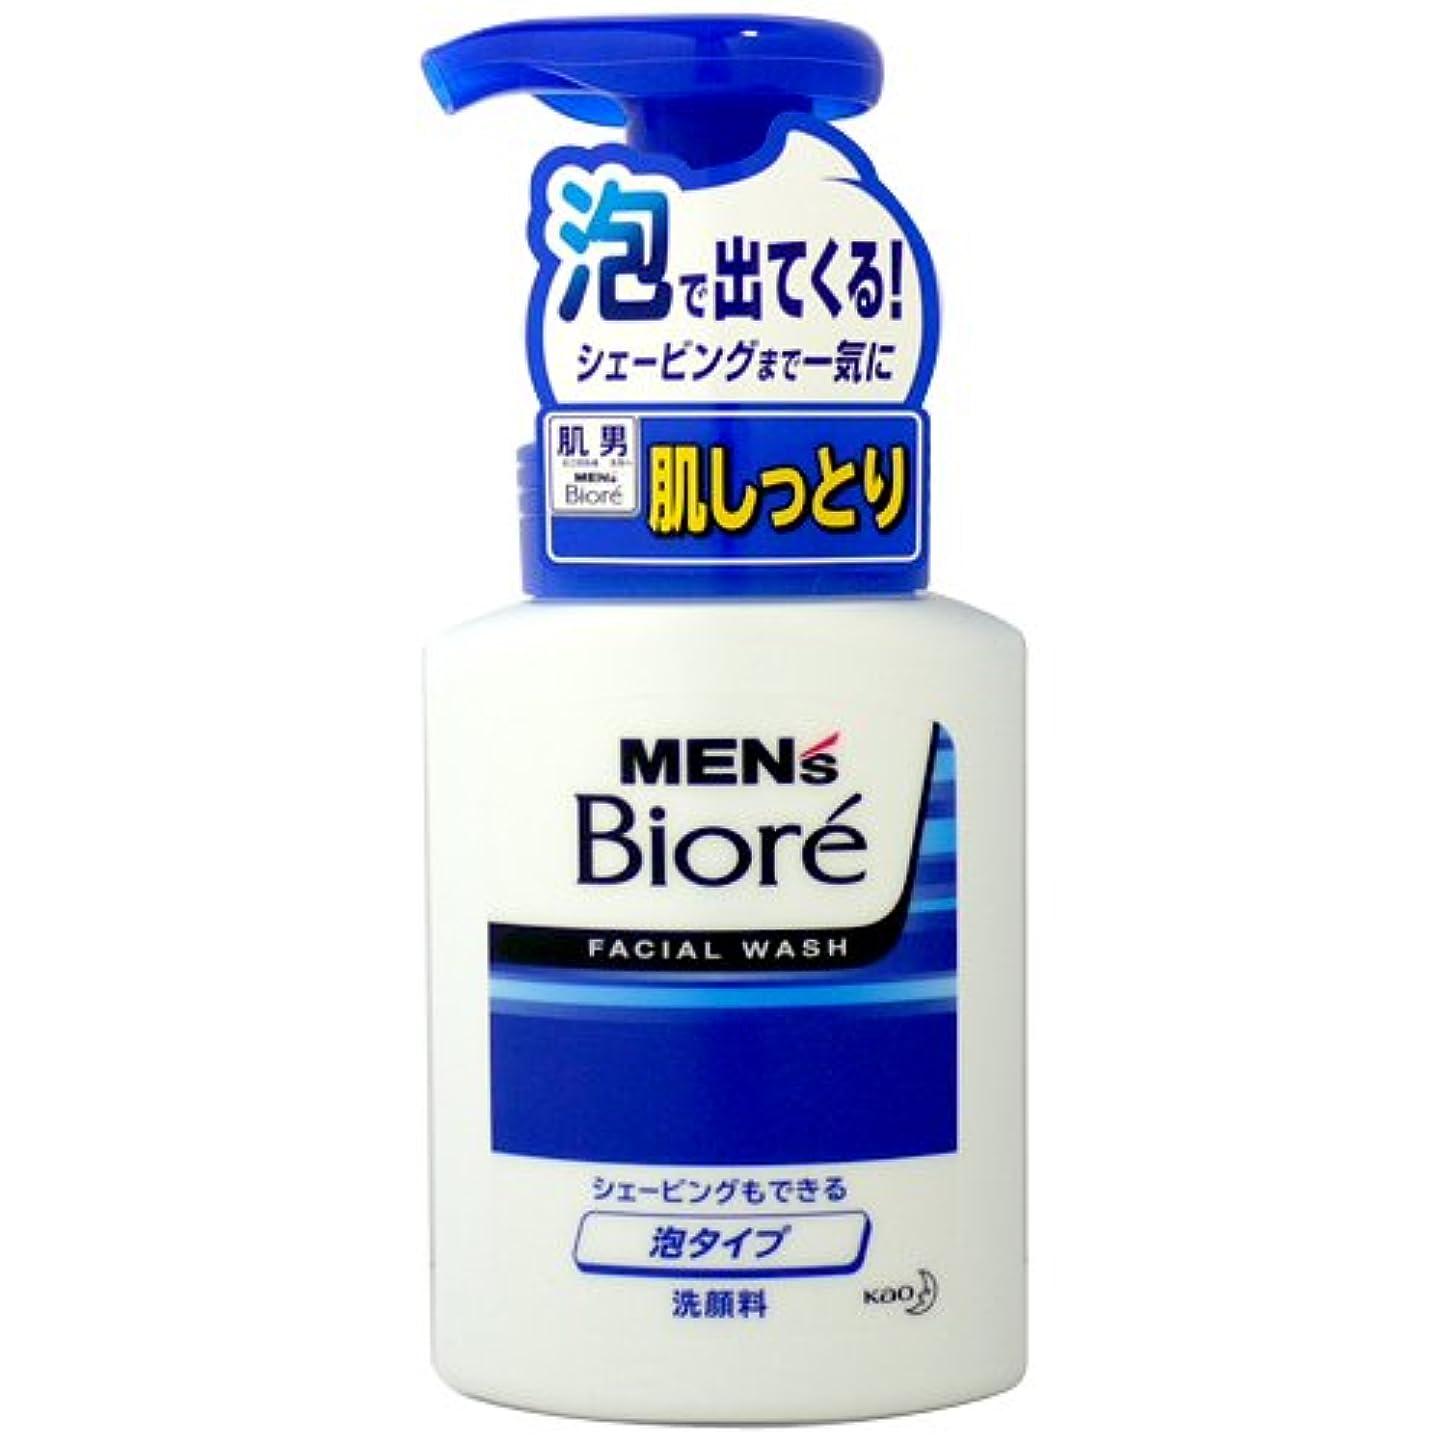 マネージャー調査チャペル【花王】メンズビオレ 泡タイプ洗顔 150ml